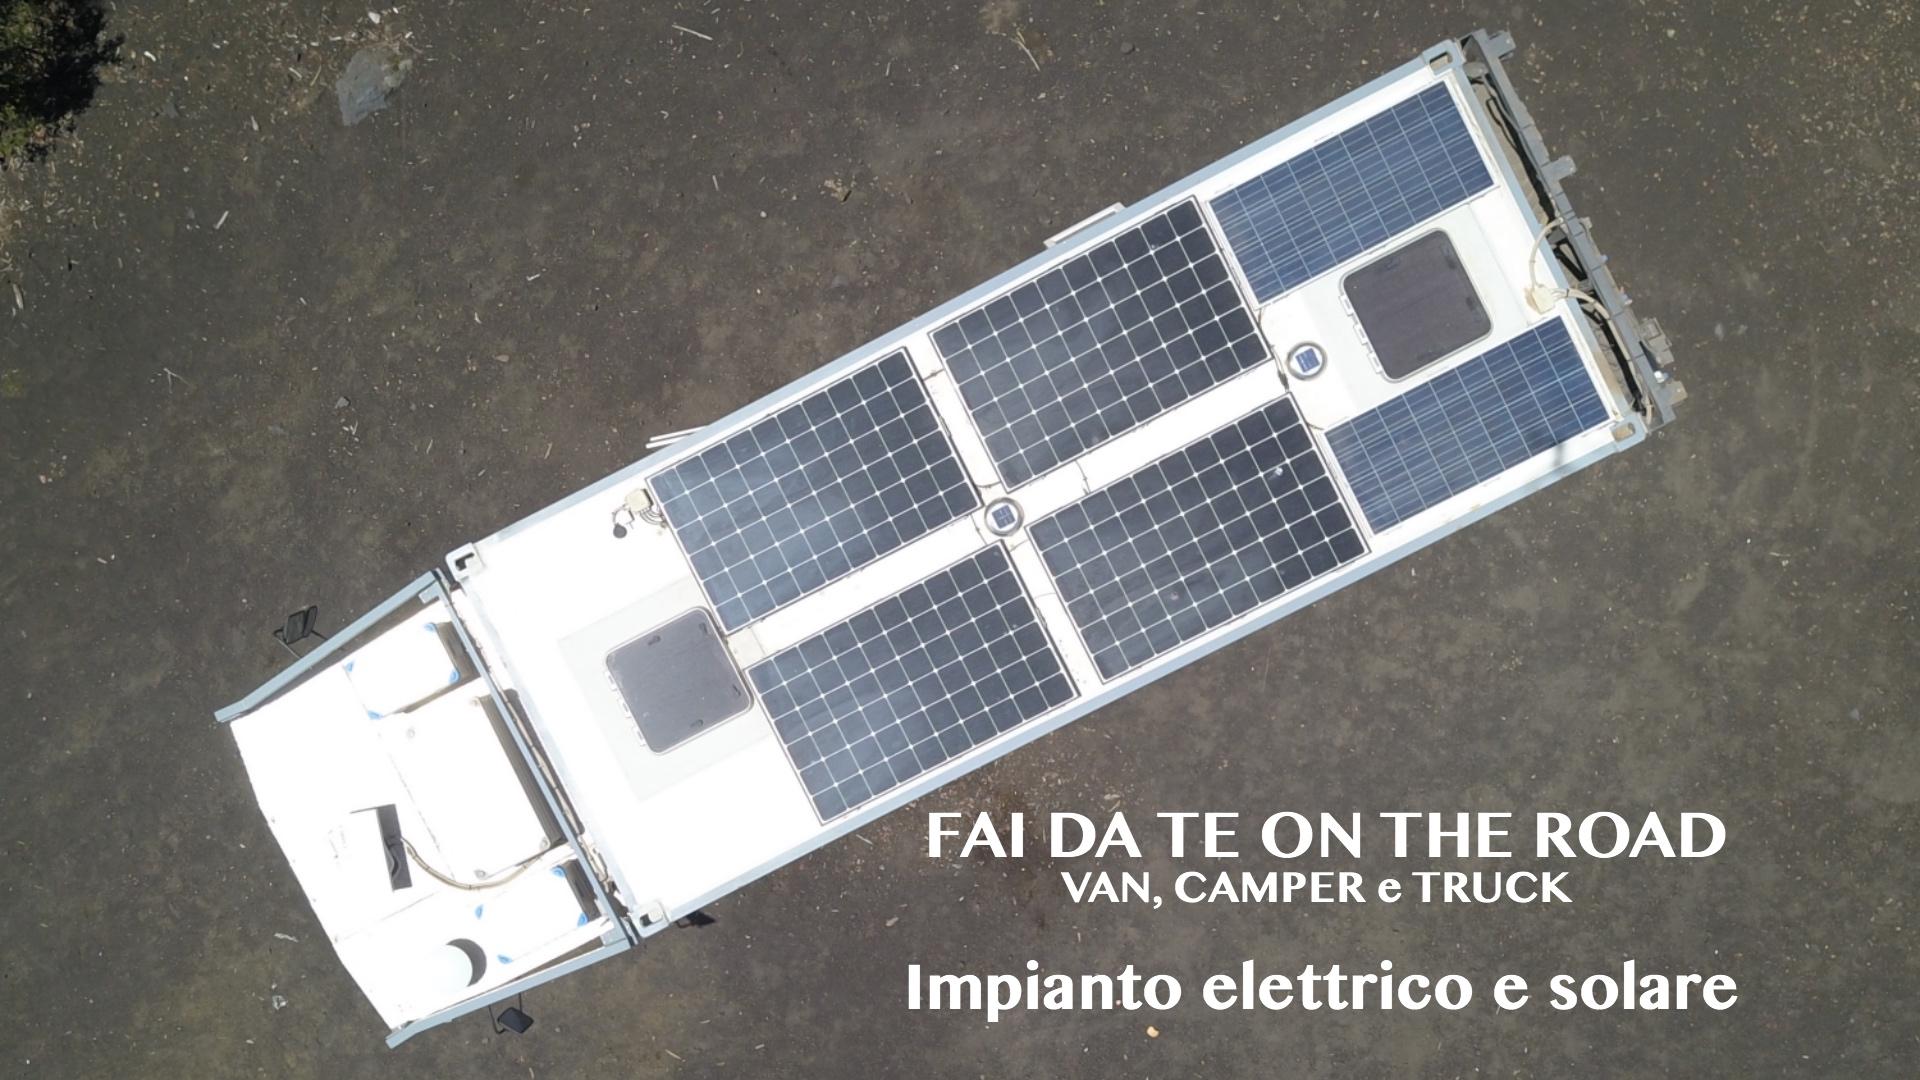 Schema Elettrico Camper : Idee di fotocellule came delta schema image gallery con con